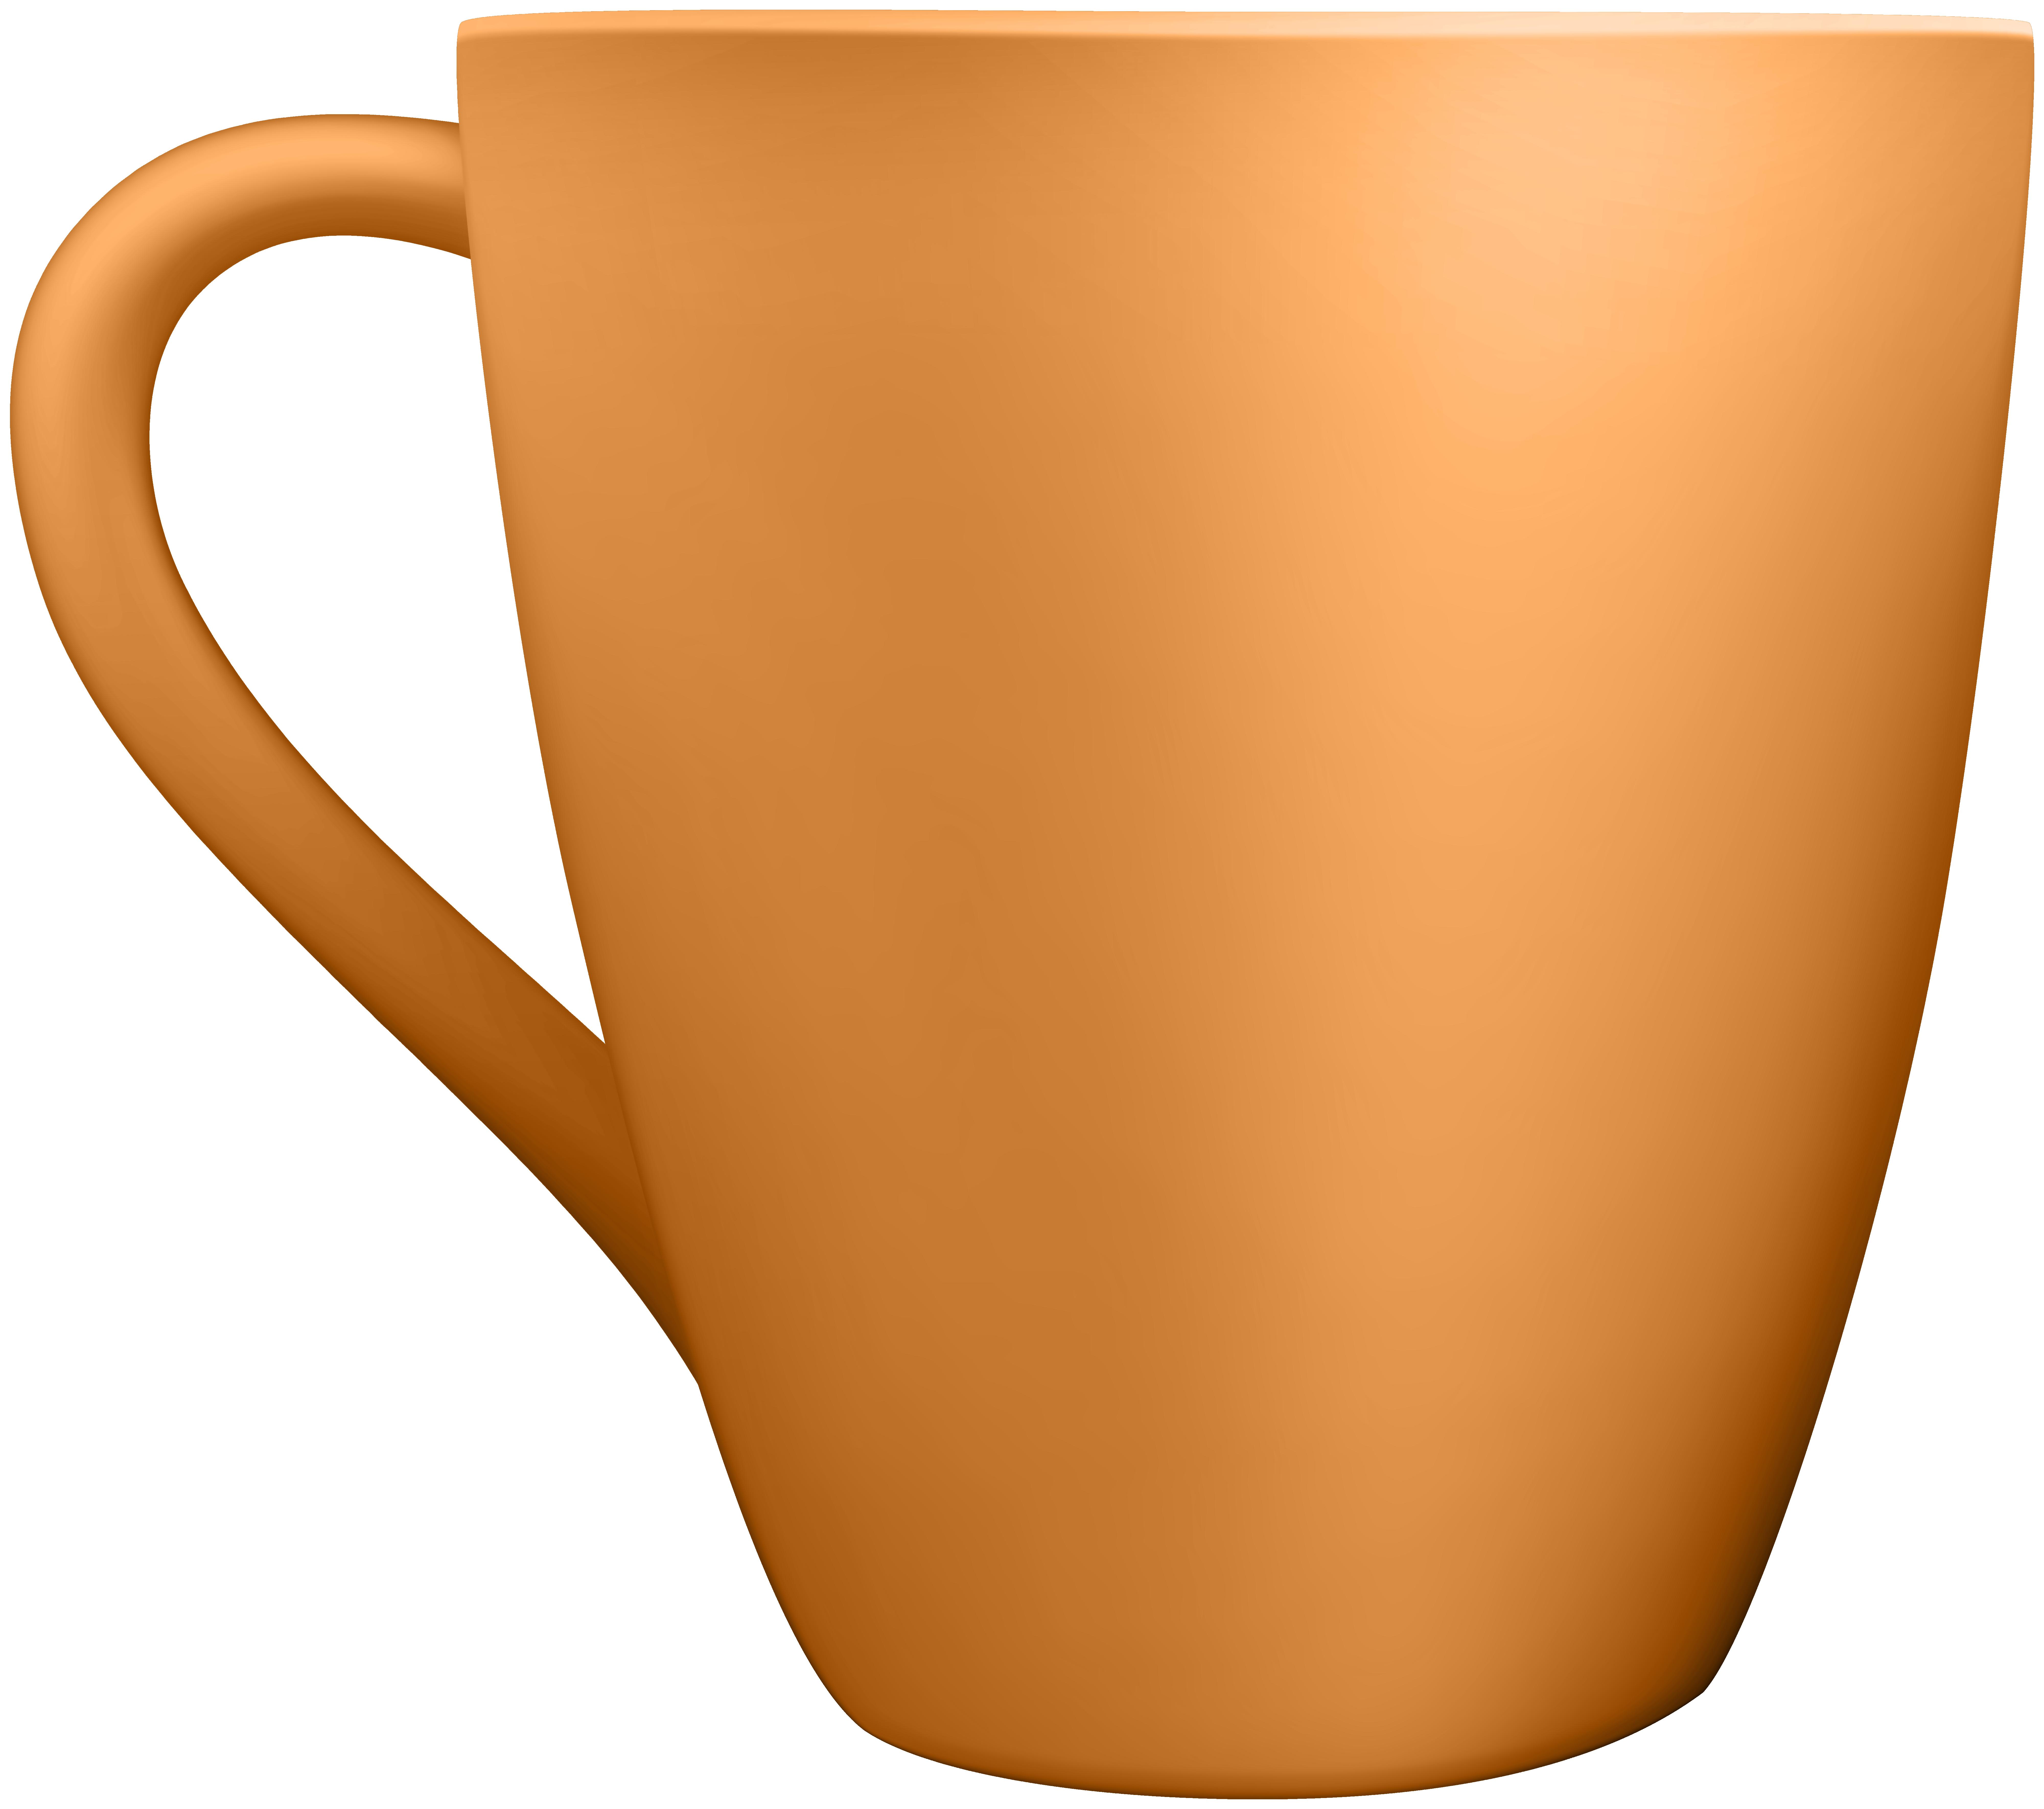 Orange ceramic clip art. Mug clipart full